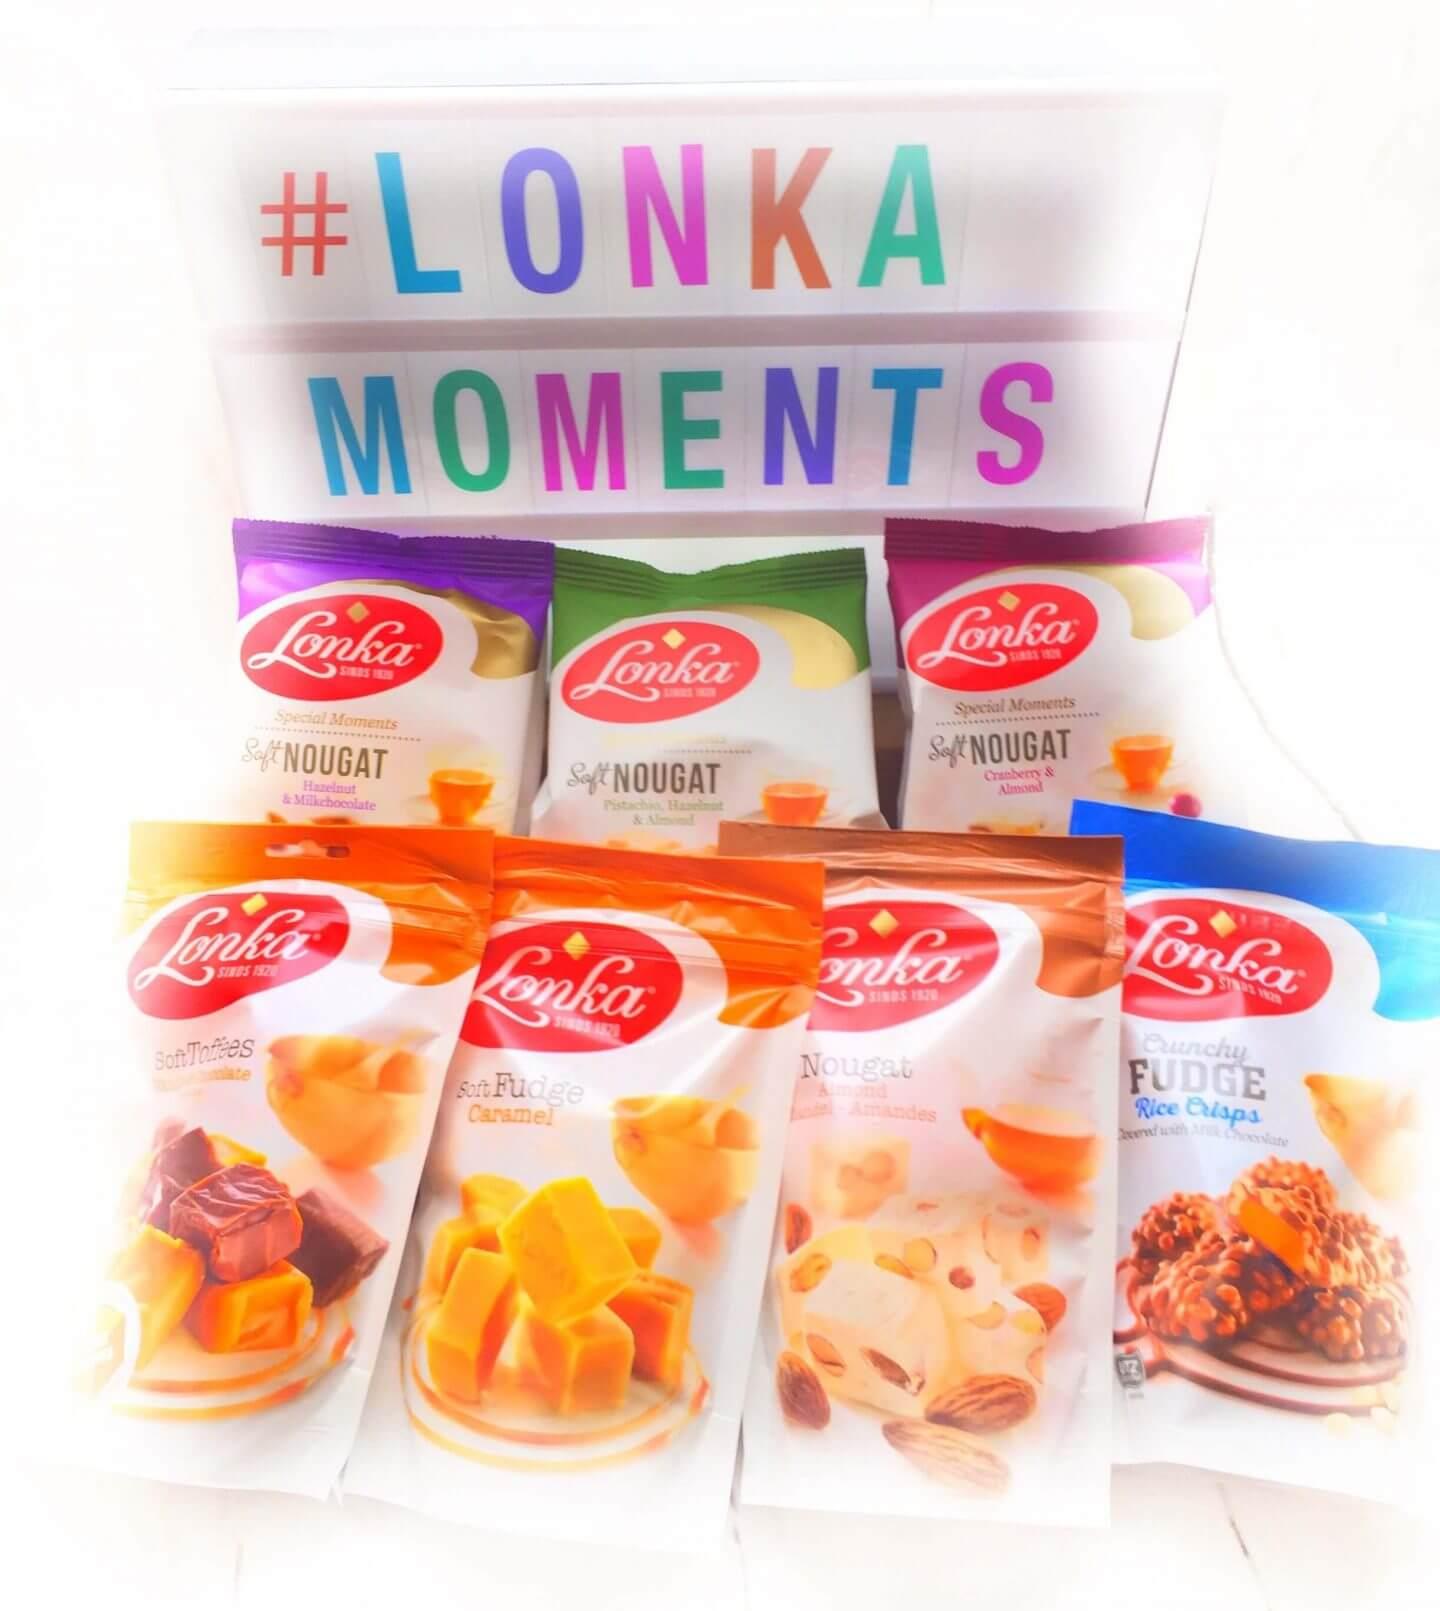 Lonka Testpaket Inhalt